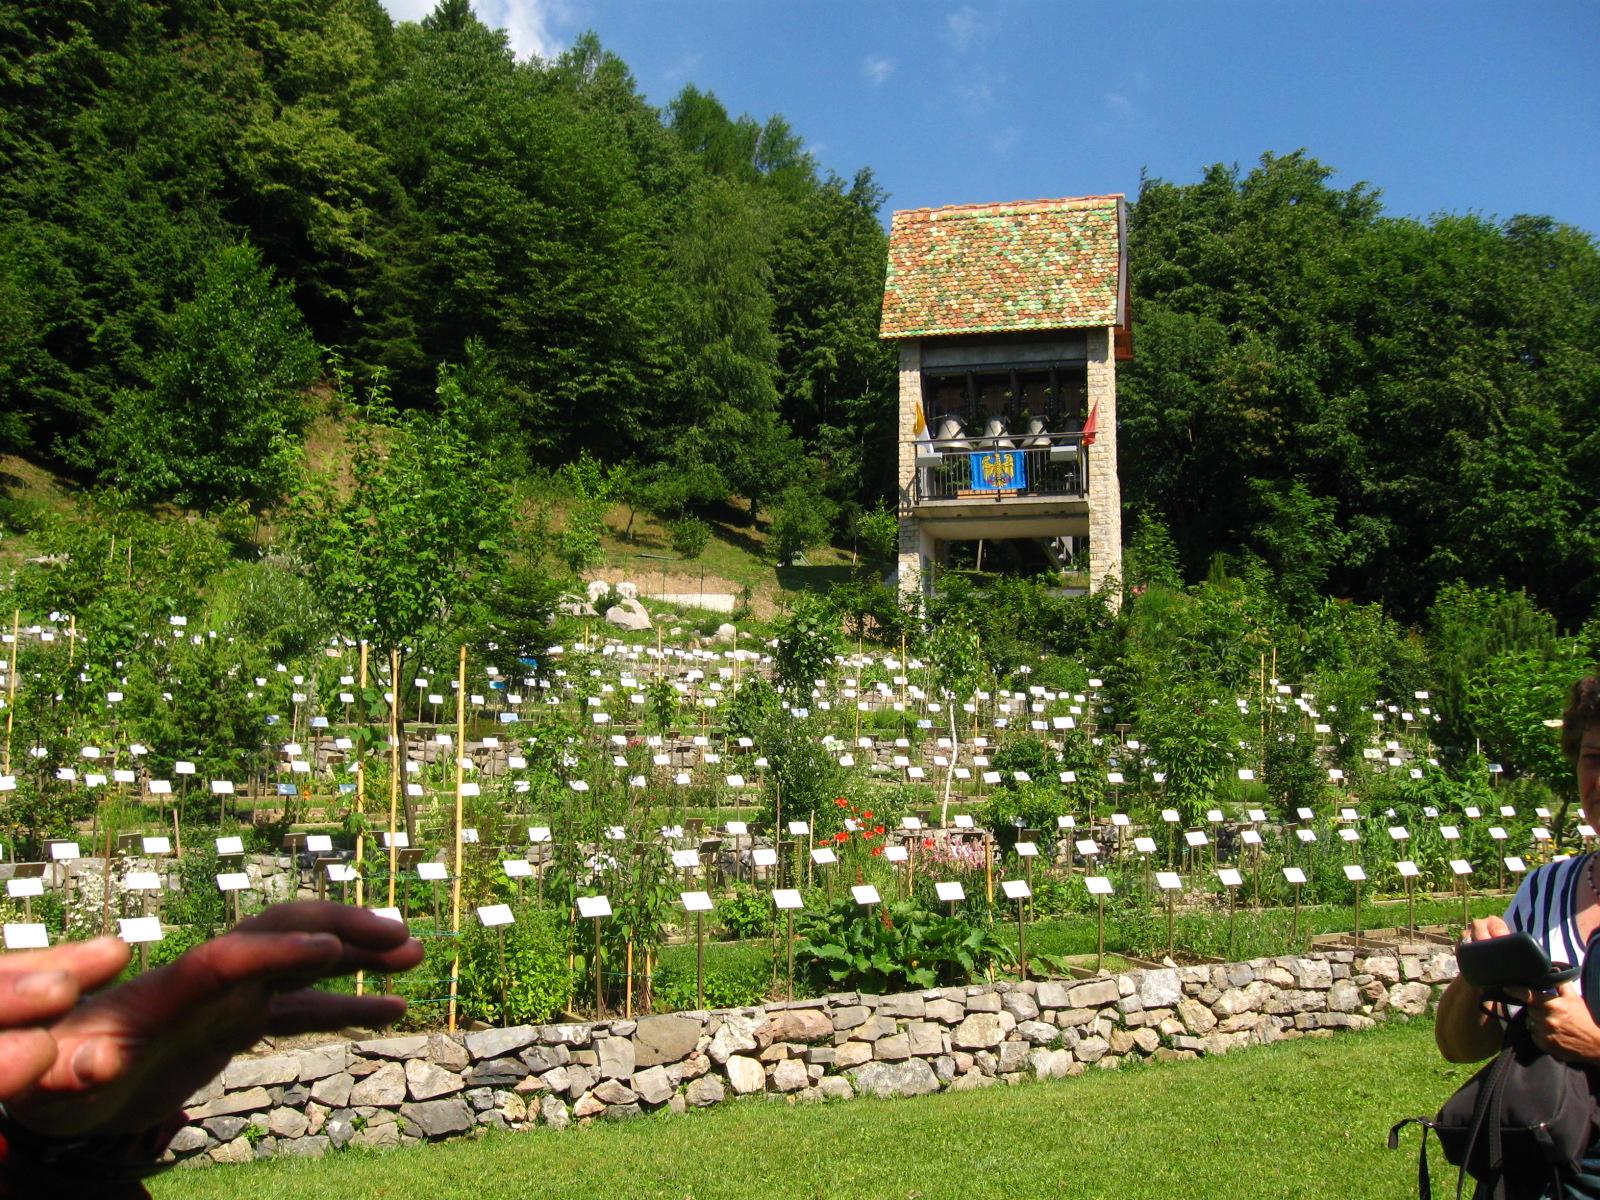 Centro ricerca piante officinali veneto giardini da - Il giardino dei semplici ...